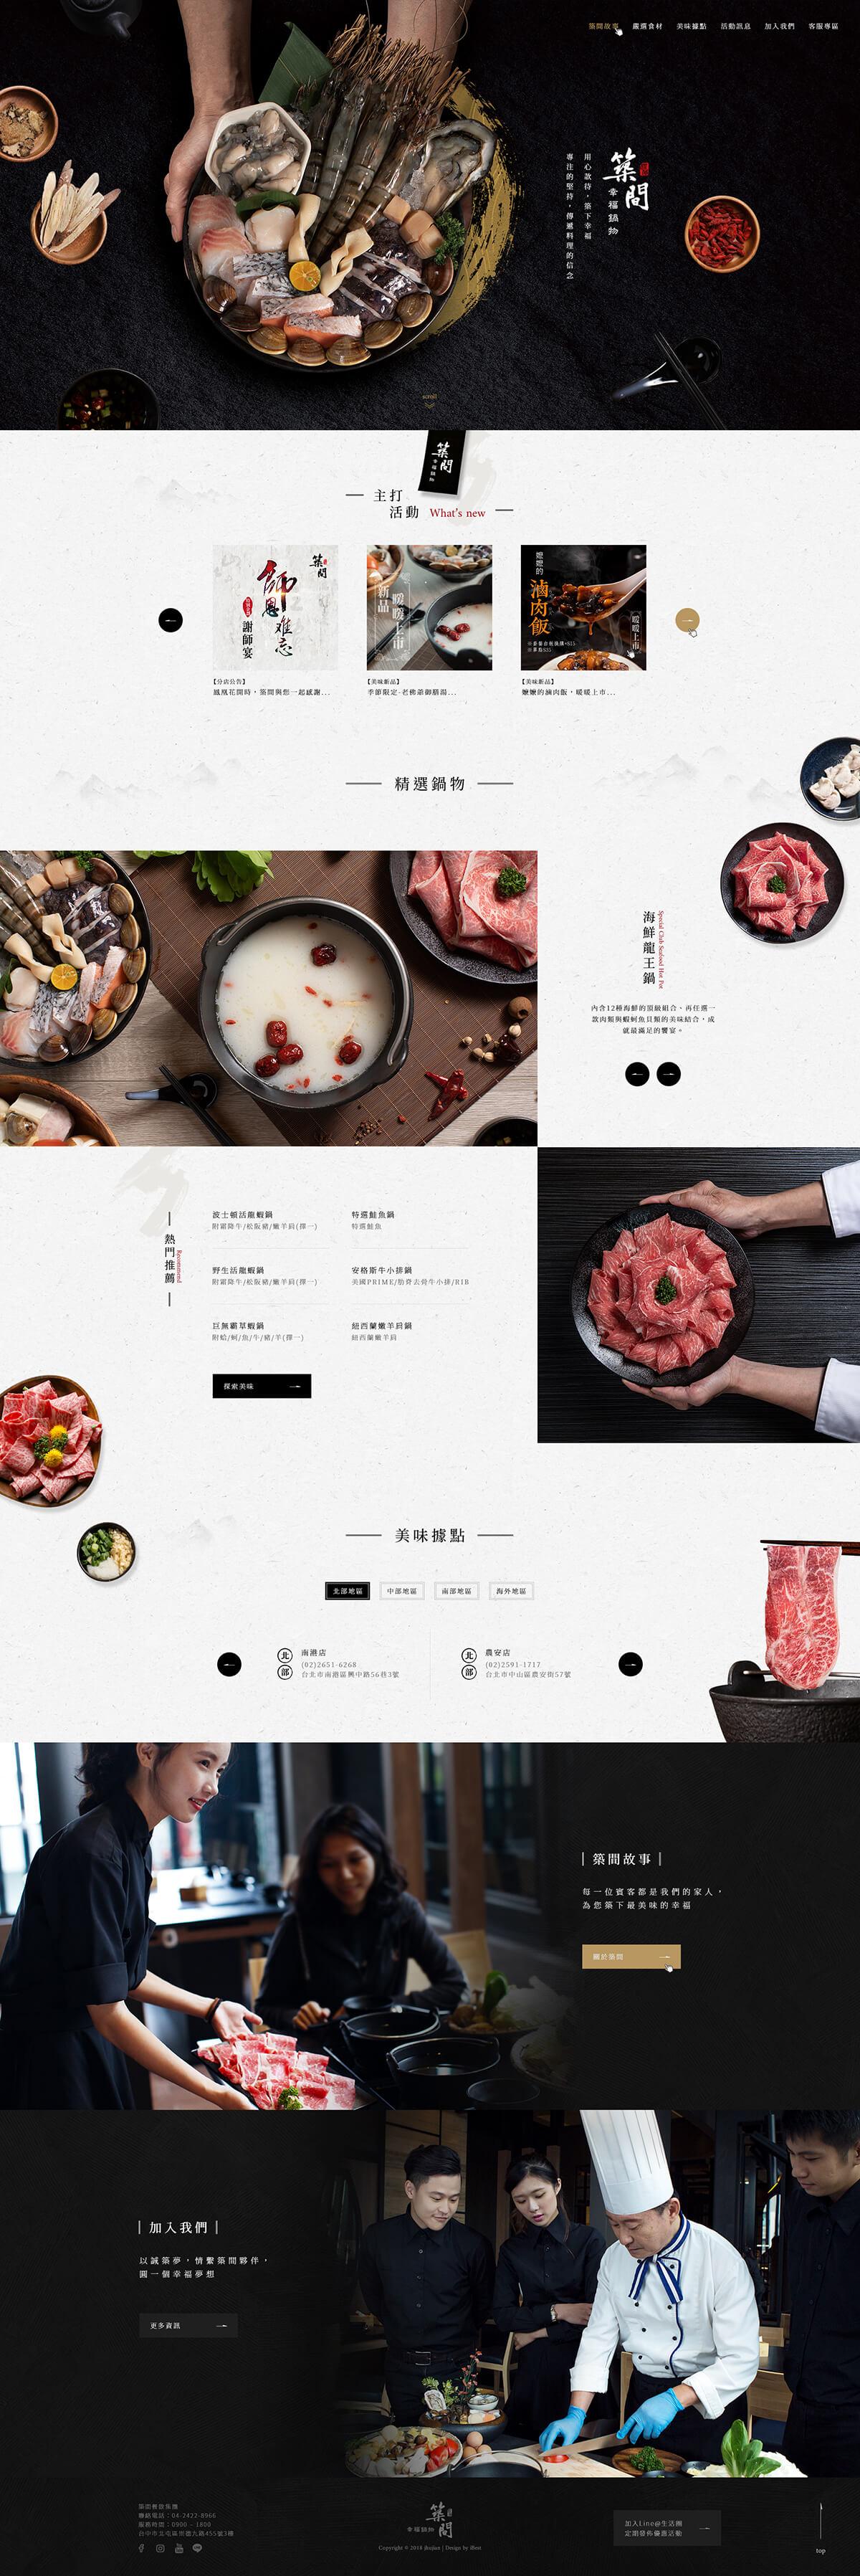 築間幸福鍋物-網頁設計